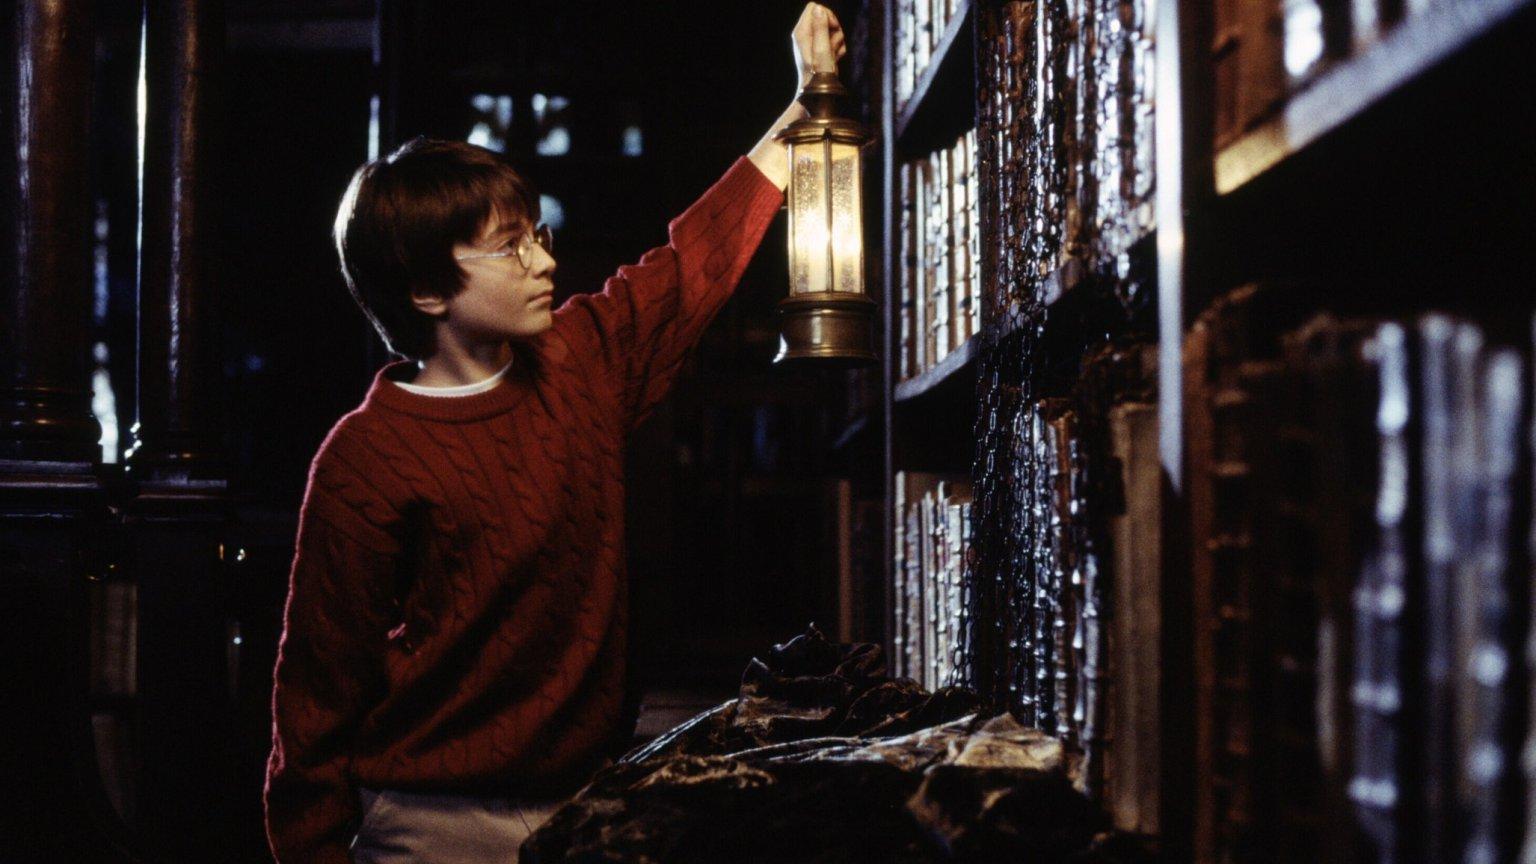 Harry Potter w Dziale Ksiąg Zakazanych. Historia małego czarodzieja od dawna wzbudza emocje